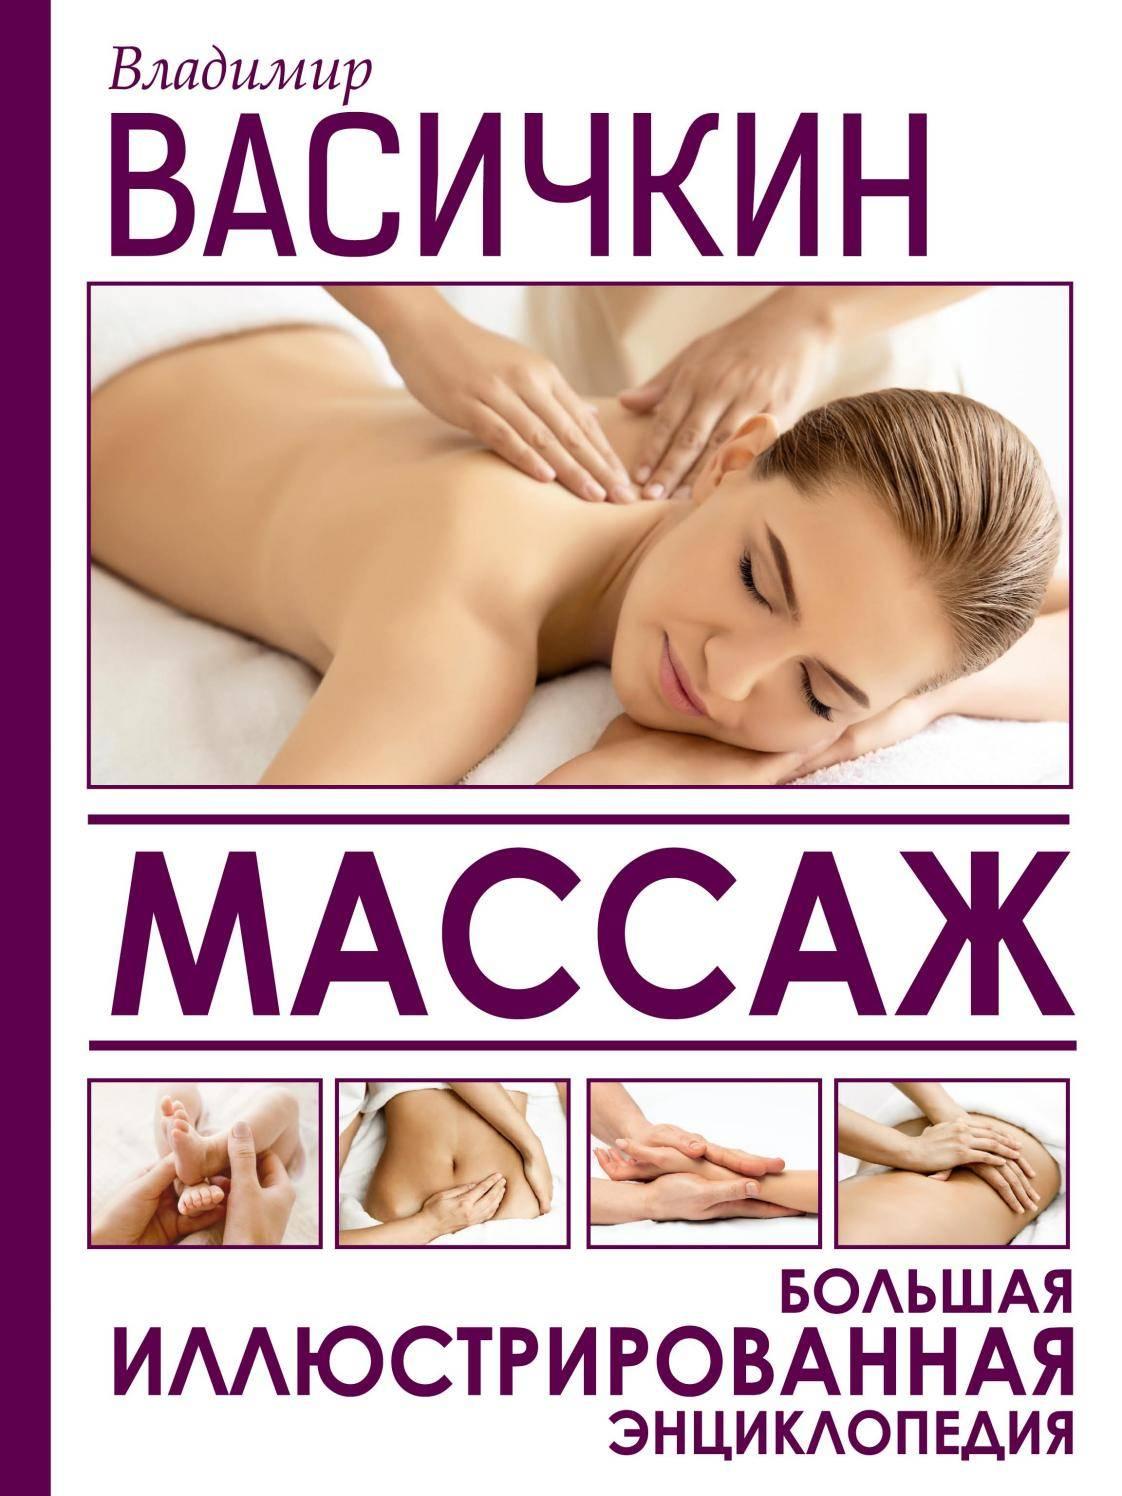 Техника разных видов массажа при бронхите